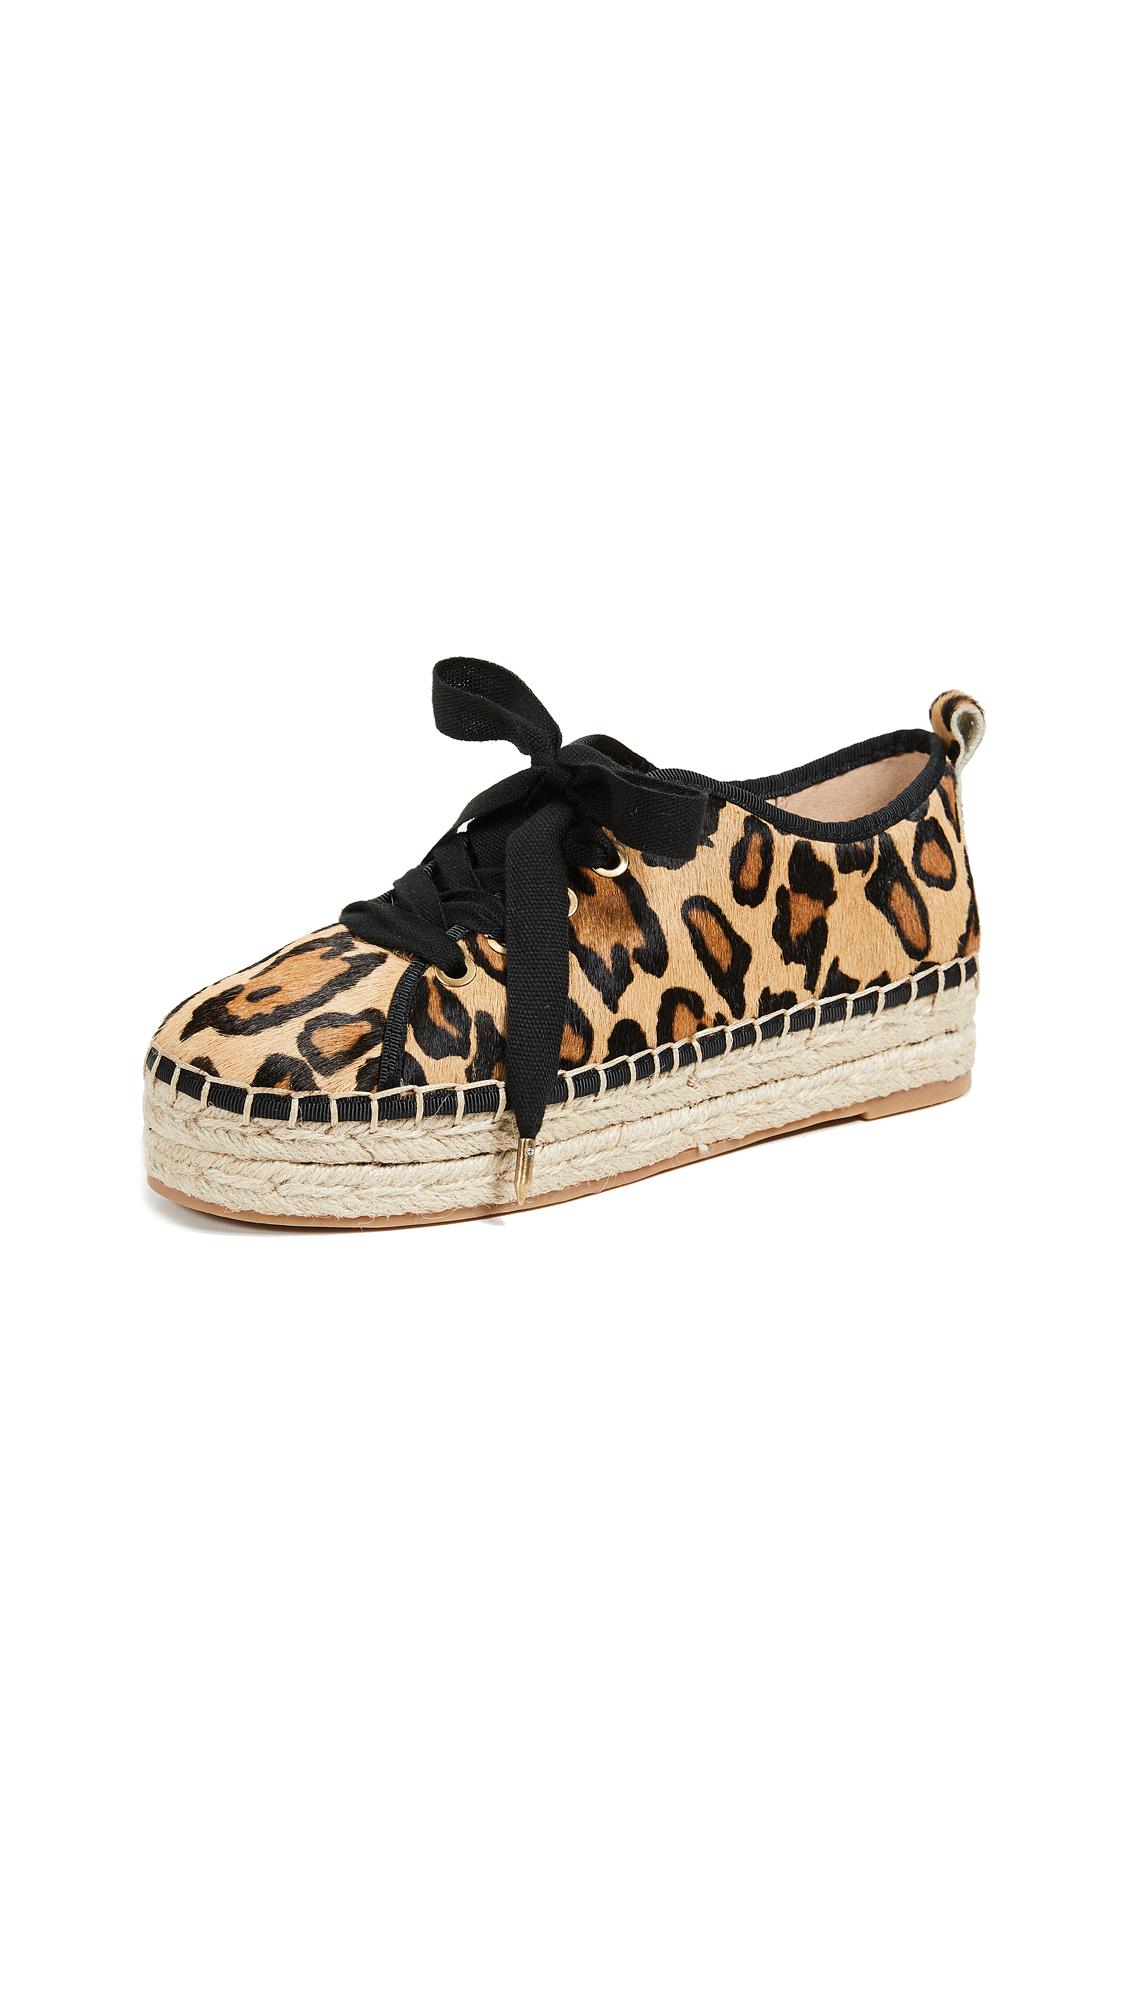 ece1397c199430 Sam Edelman Celina Espadrille Sneakers In New Nude Leopard ...